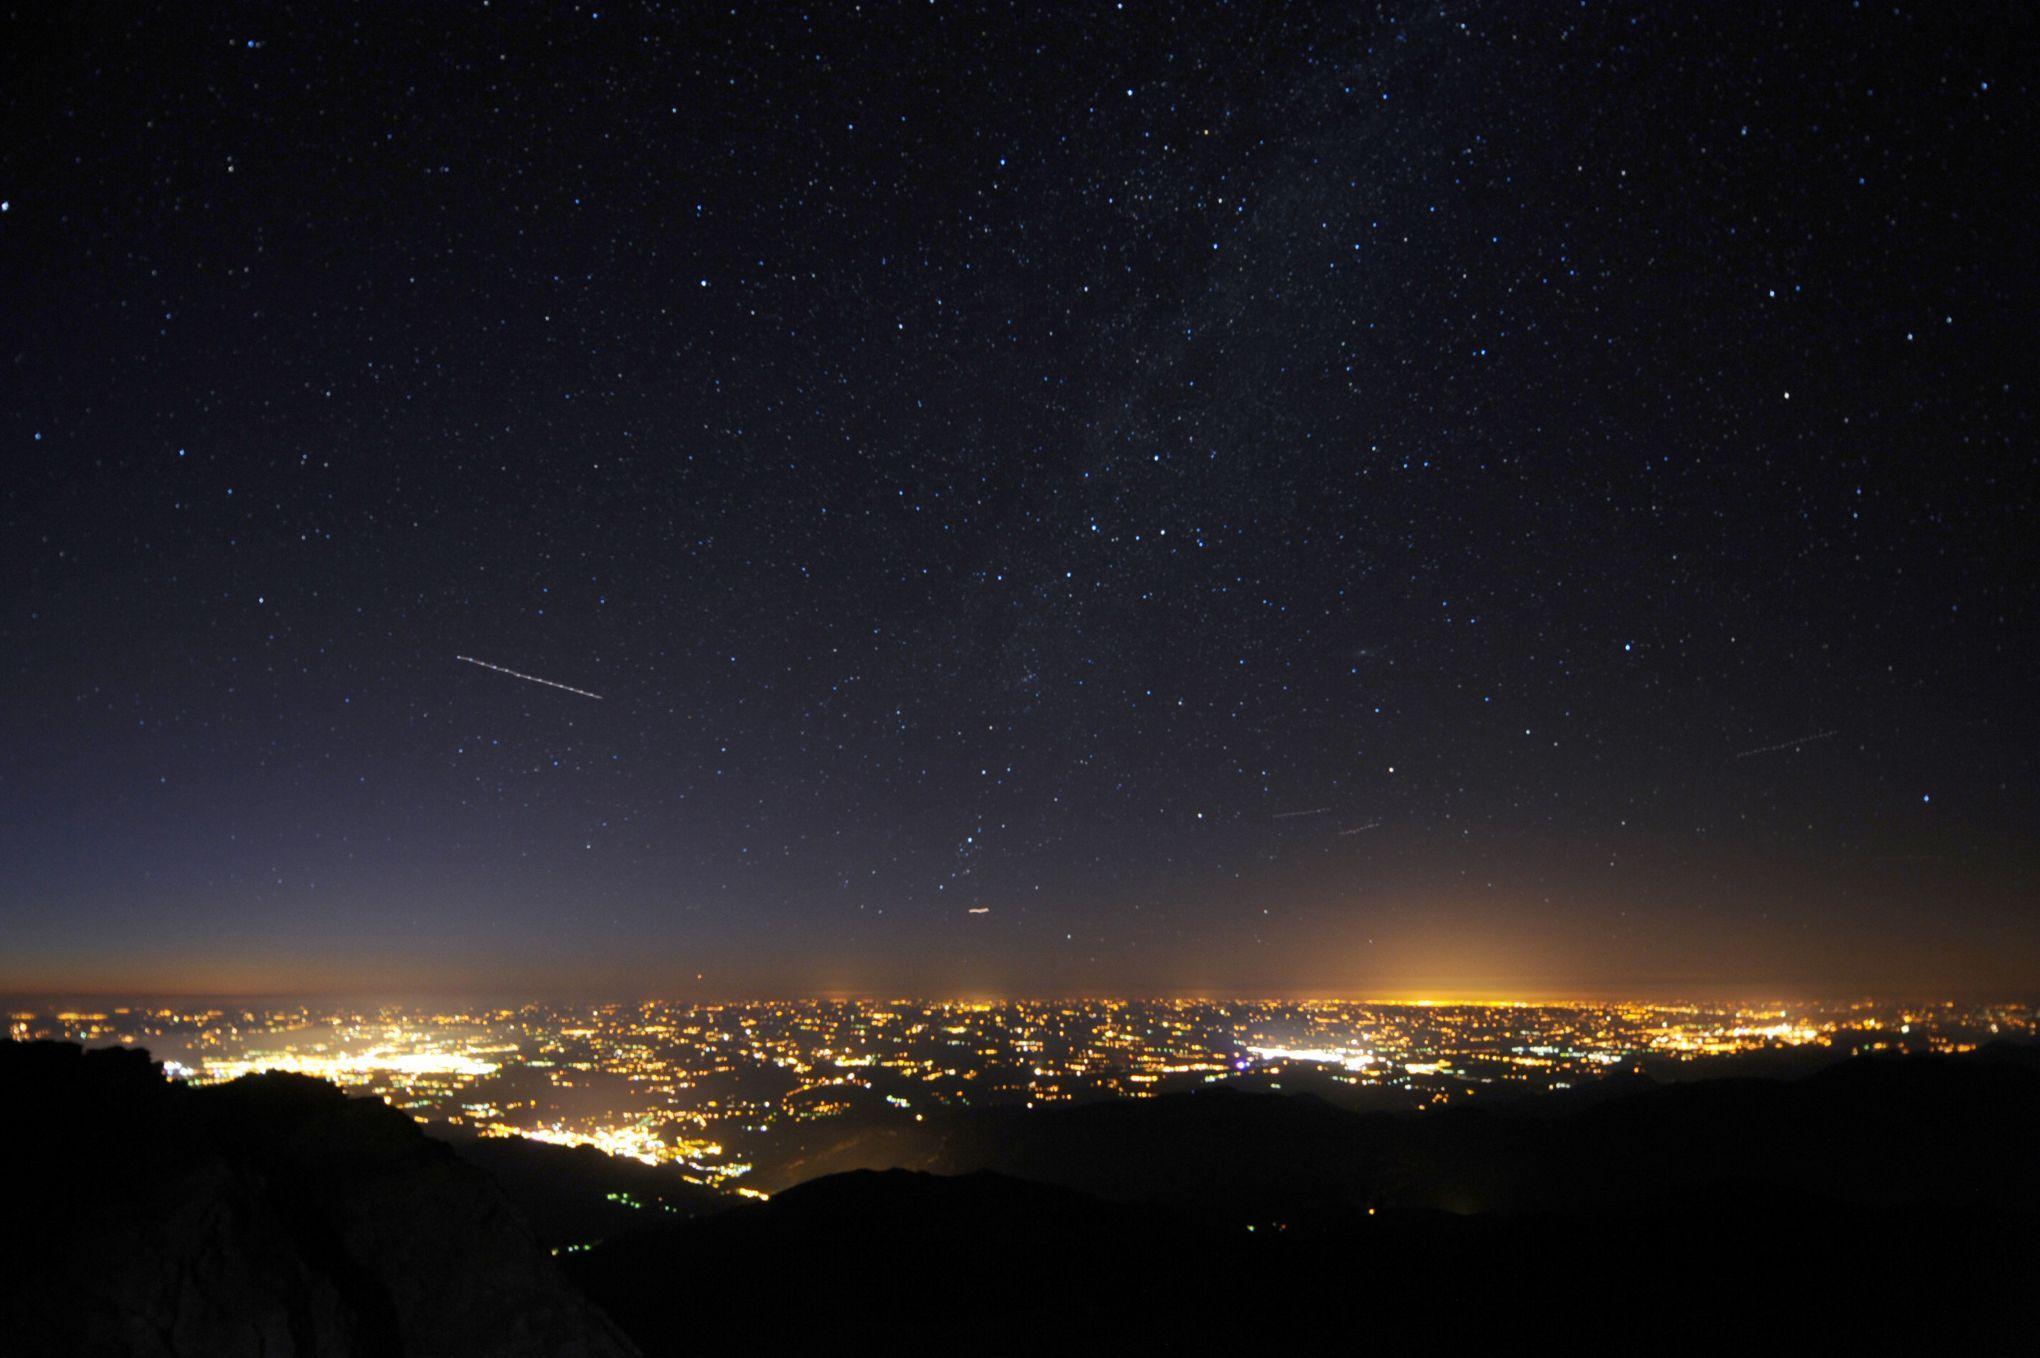 La pollution lumineuse ou la guerre des étoiles https://t.co/h6jgHTZsCW https://t.co/TUf2dnpyHd